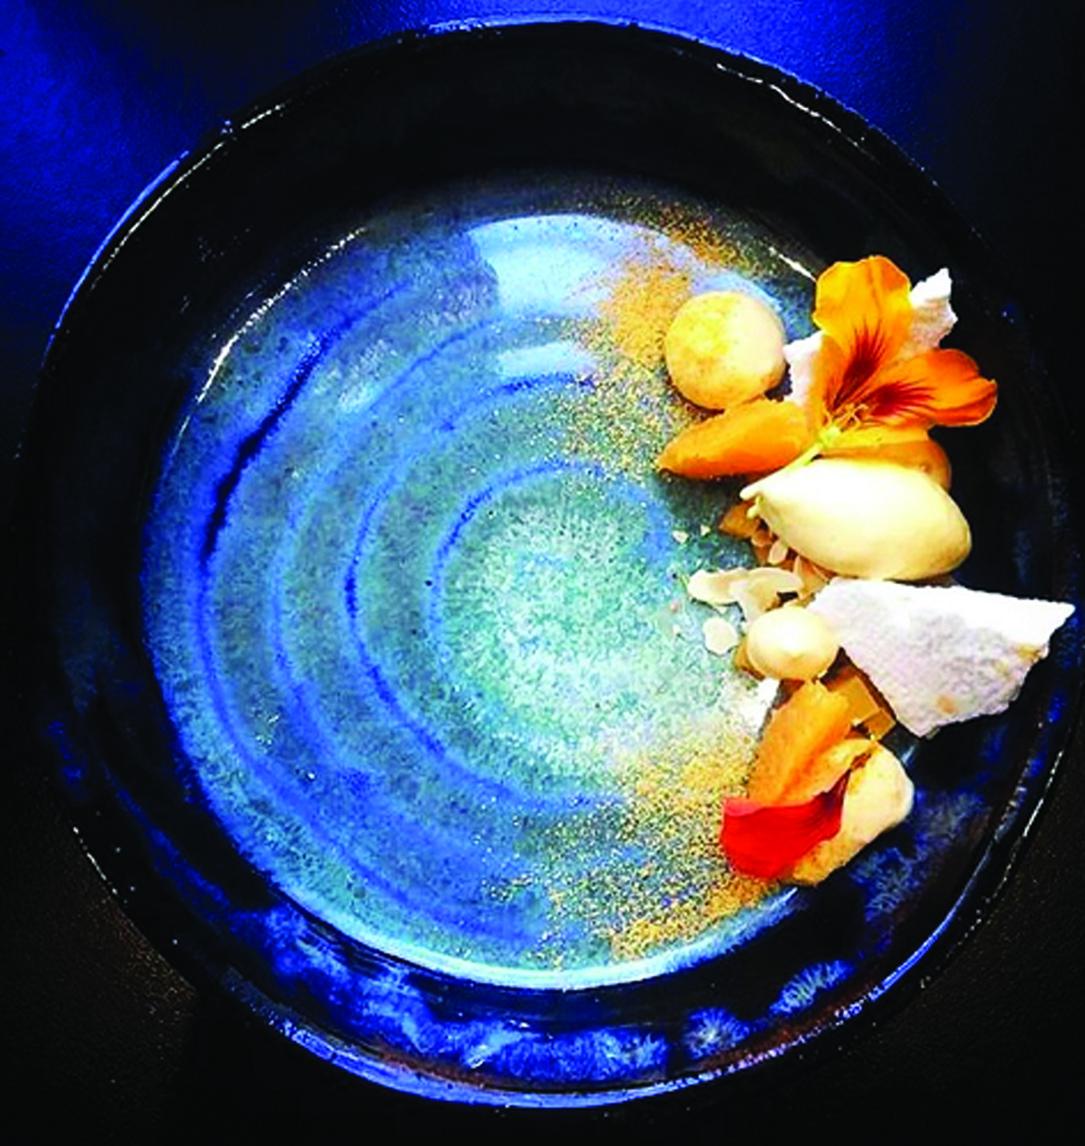 Eden, le restaurant éphémère dans un jardin gastronomique près de Bruxelles